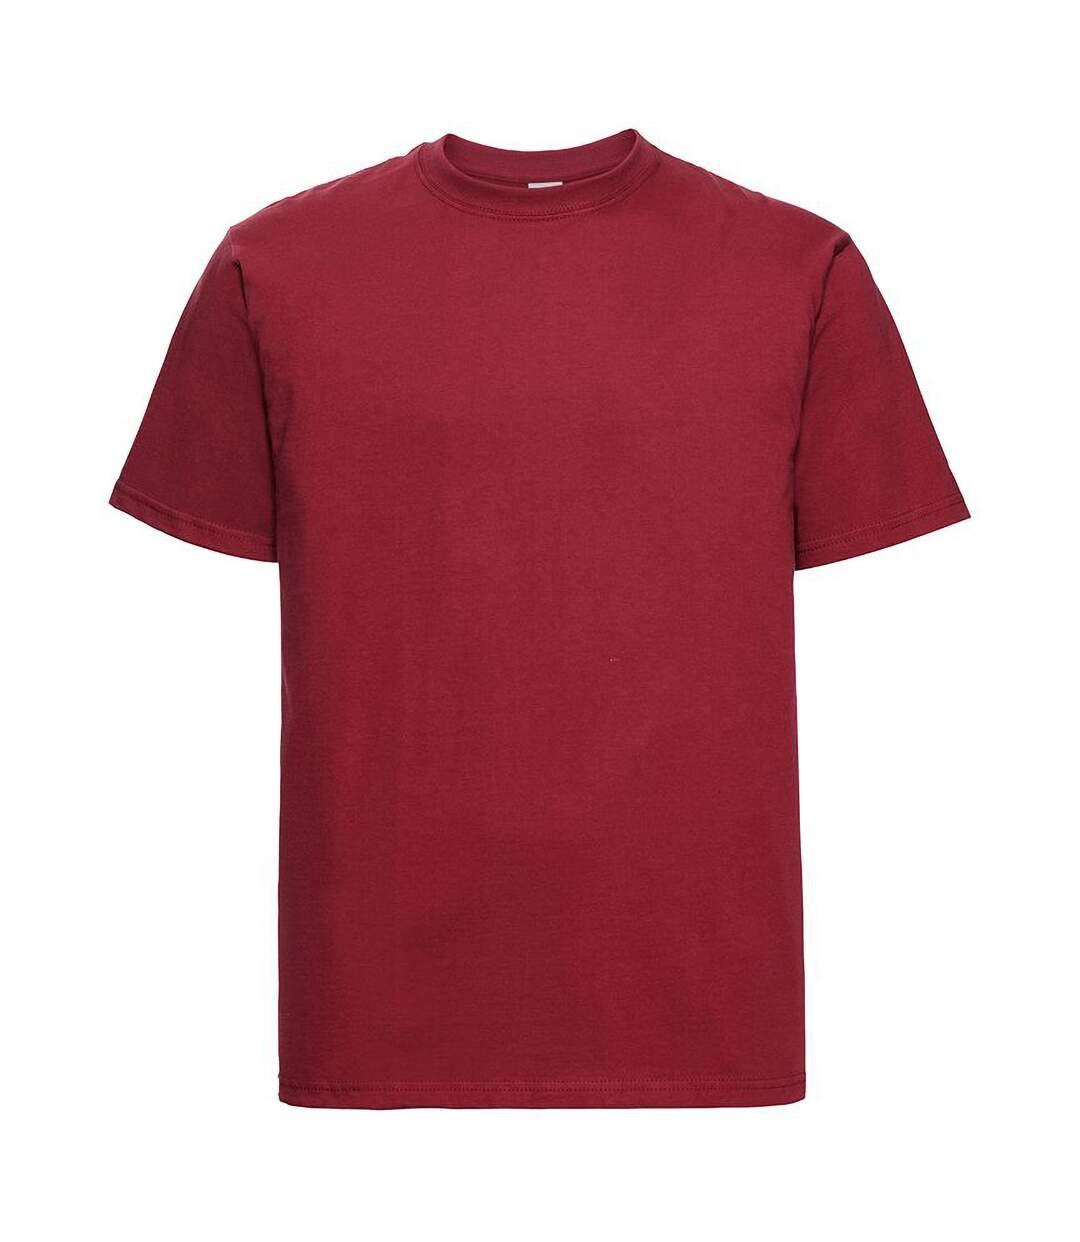 Russell Europe - T-shirt épais à manches courtes 100% coton - Homme (Rouge classique) - UTRW3276